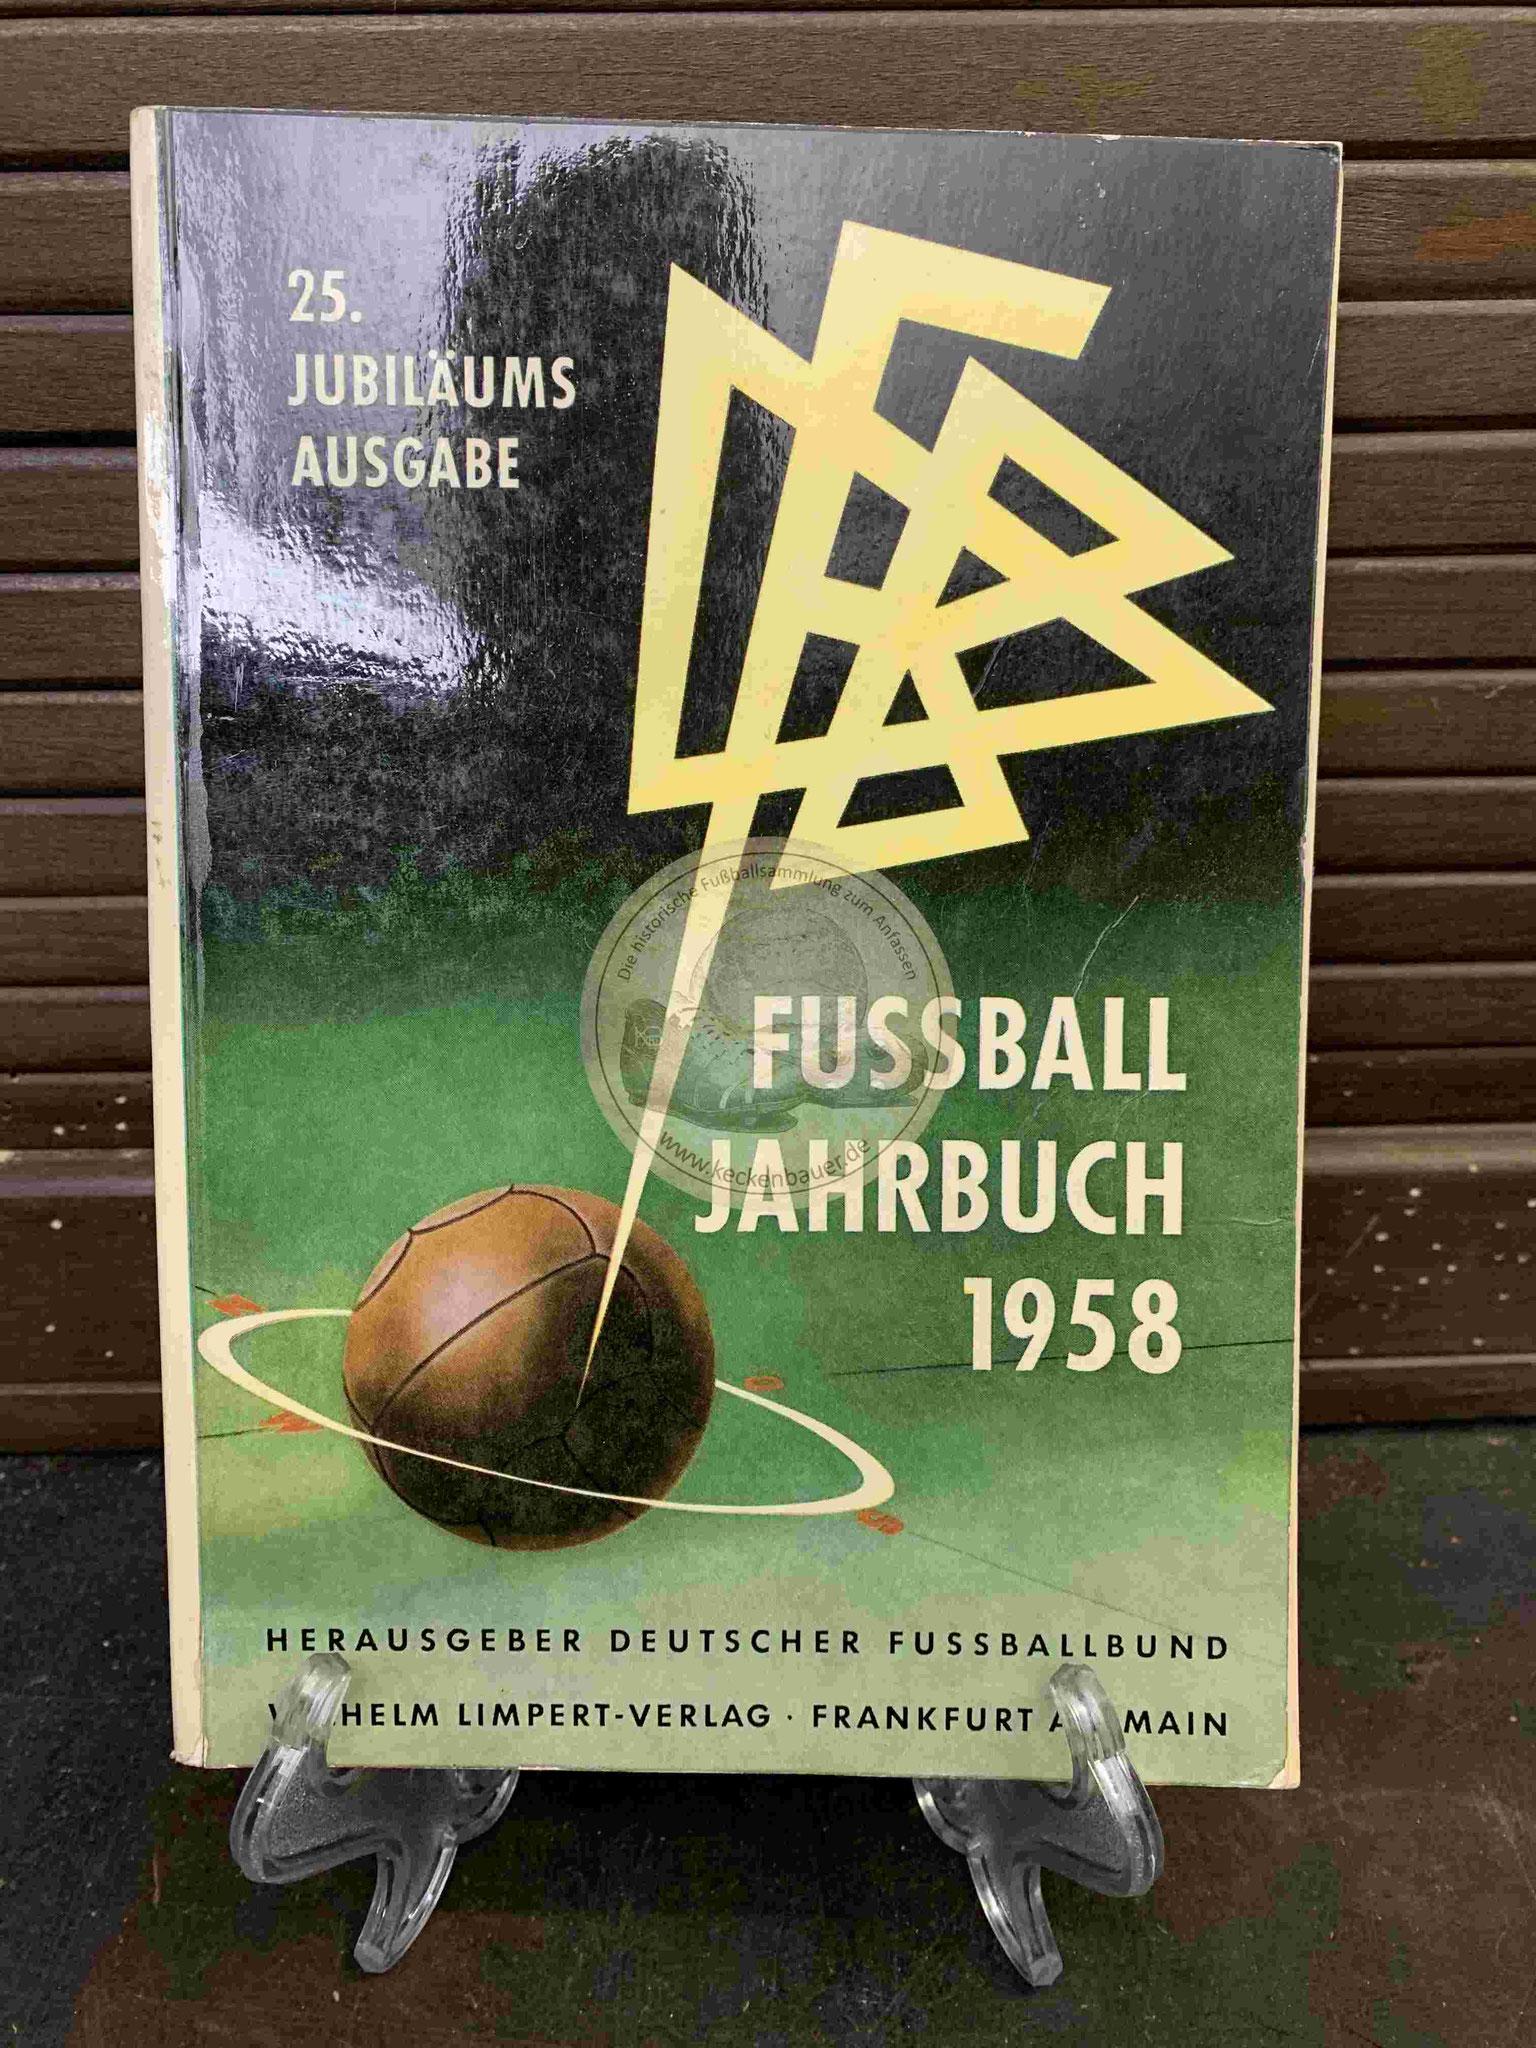 Fußball Jahrbuch 1958 Herausgeber Deutscher Fussballbund